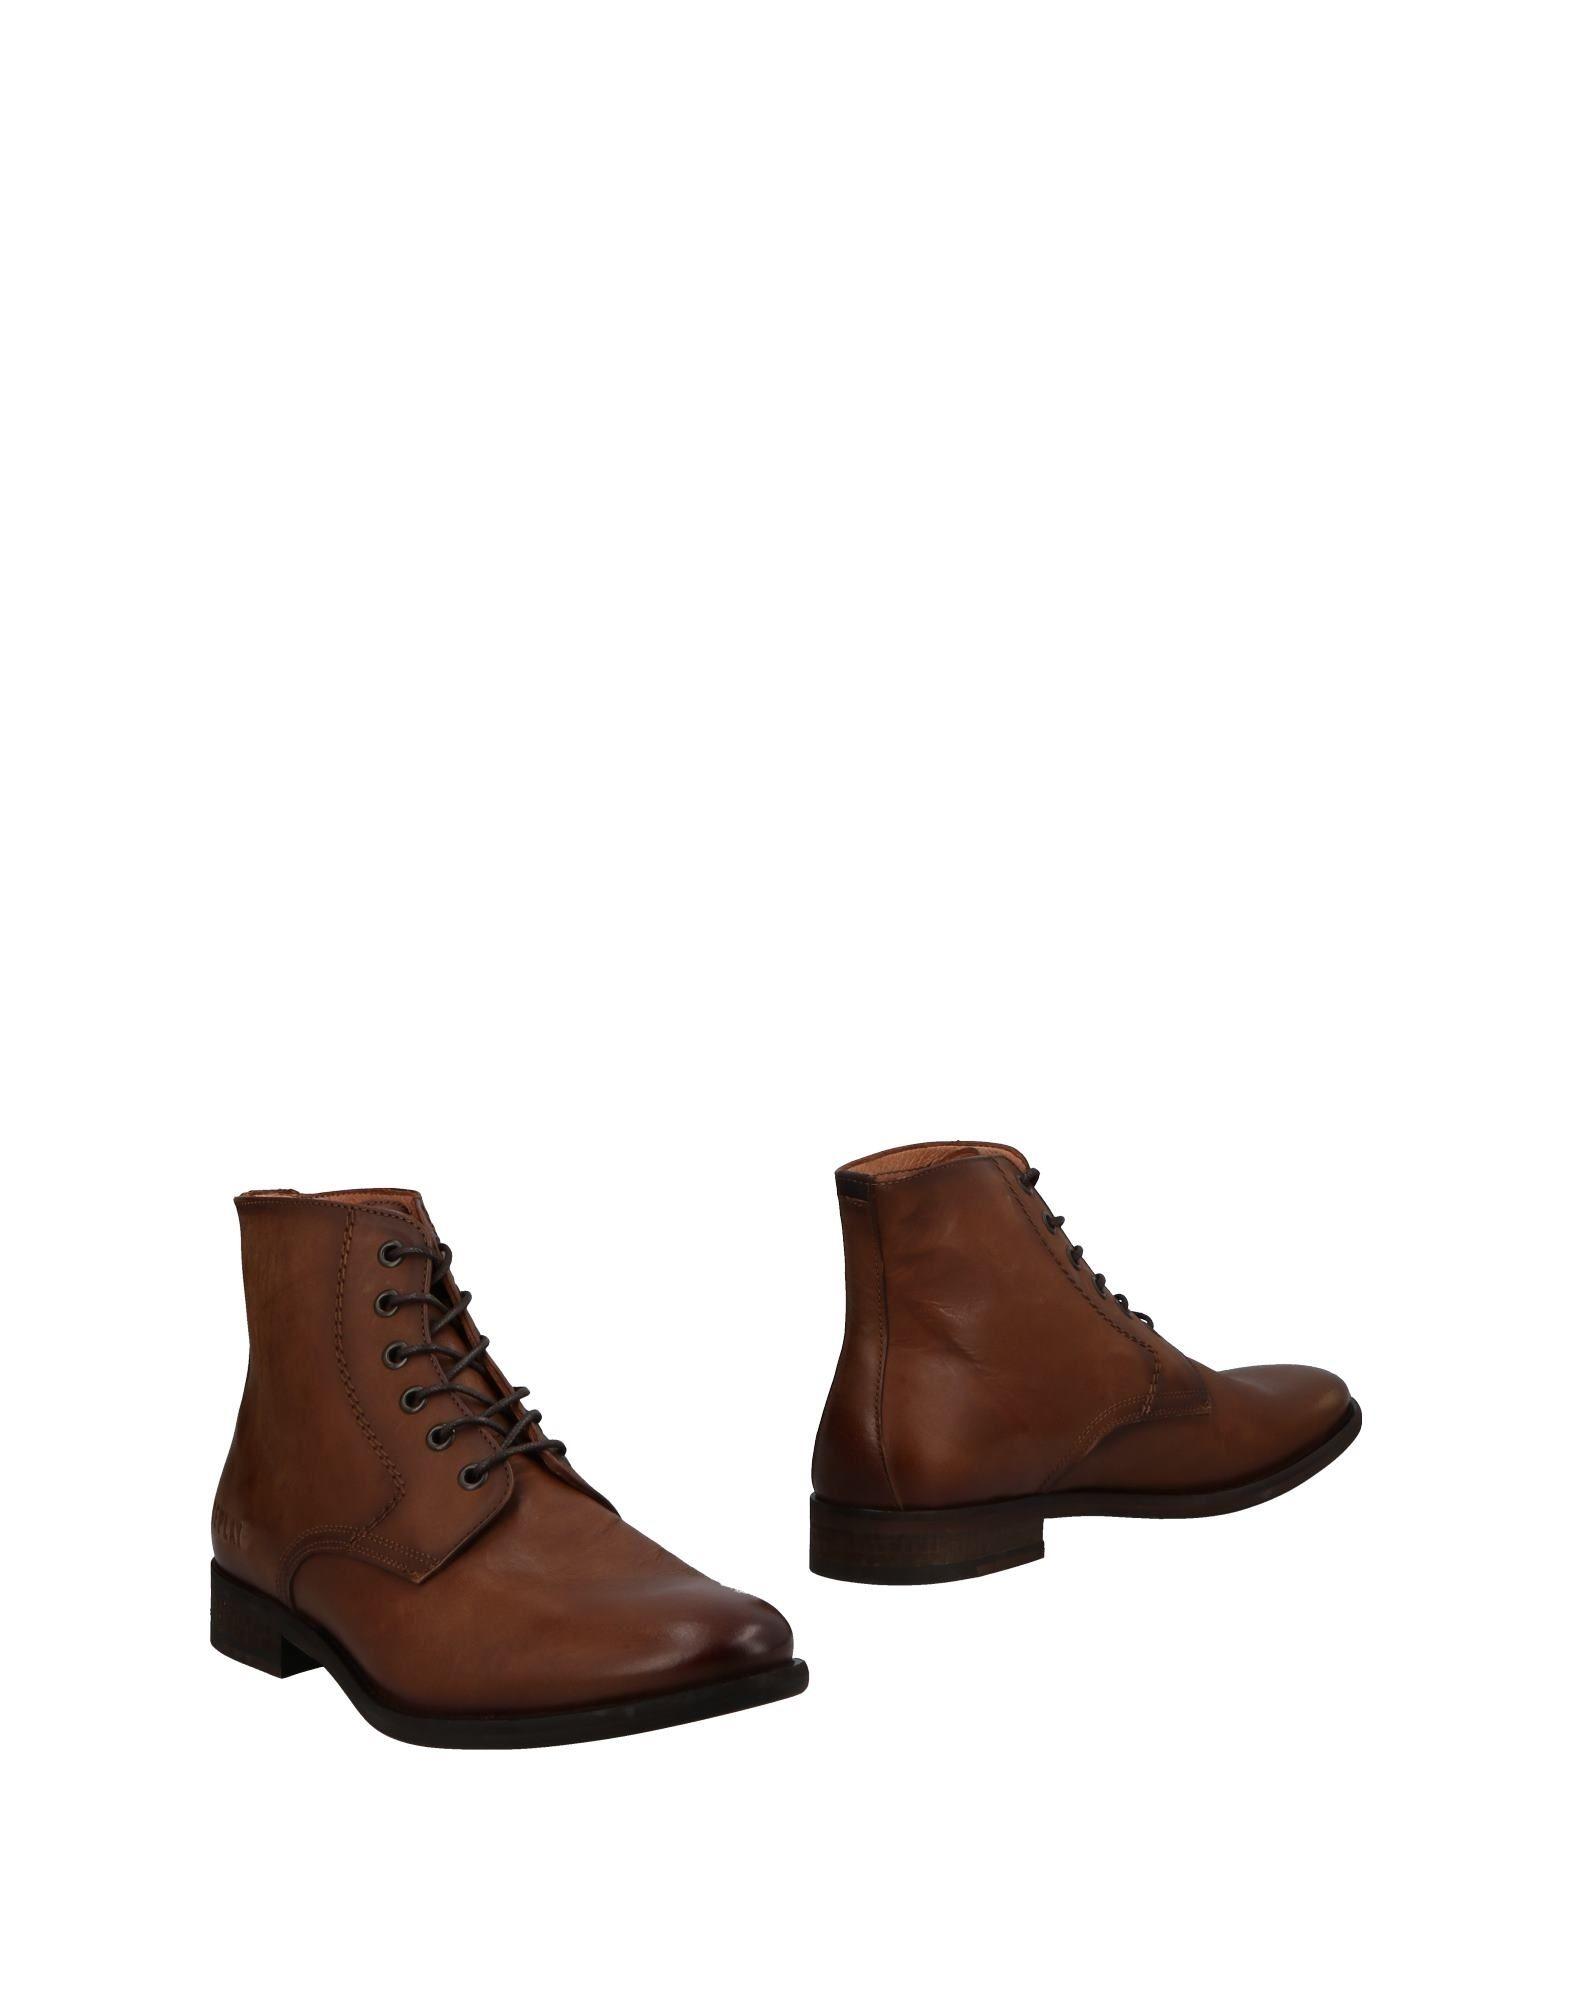 Rabatt echte Schuhe 11493929XI Replay Stiefelette Herren  11493929XI Schuhe a0018f